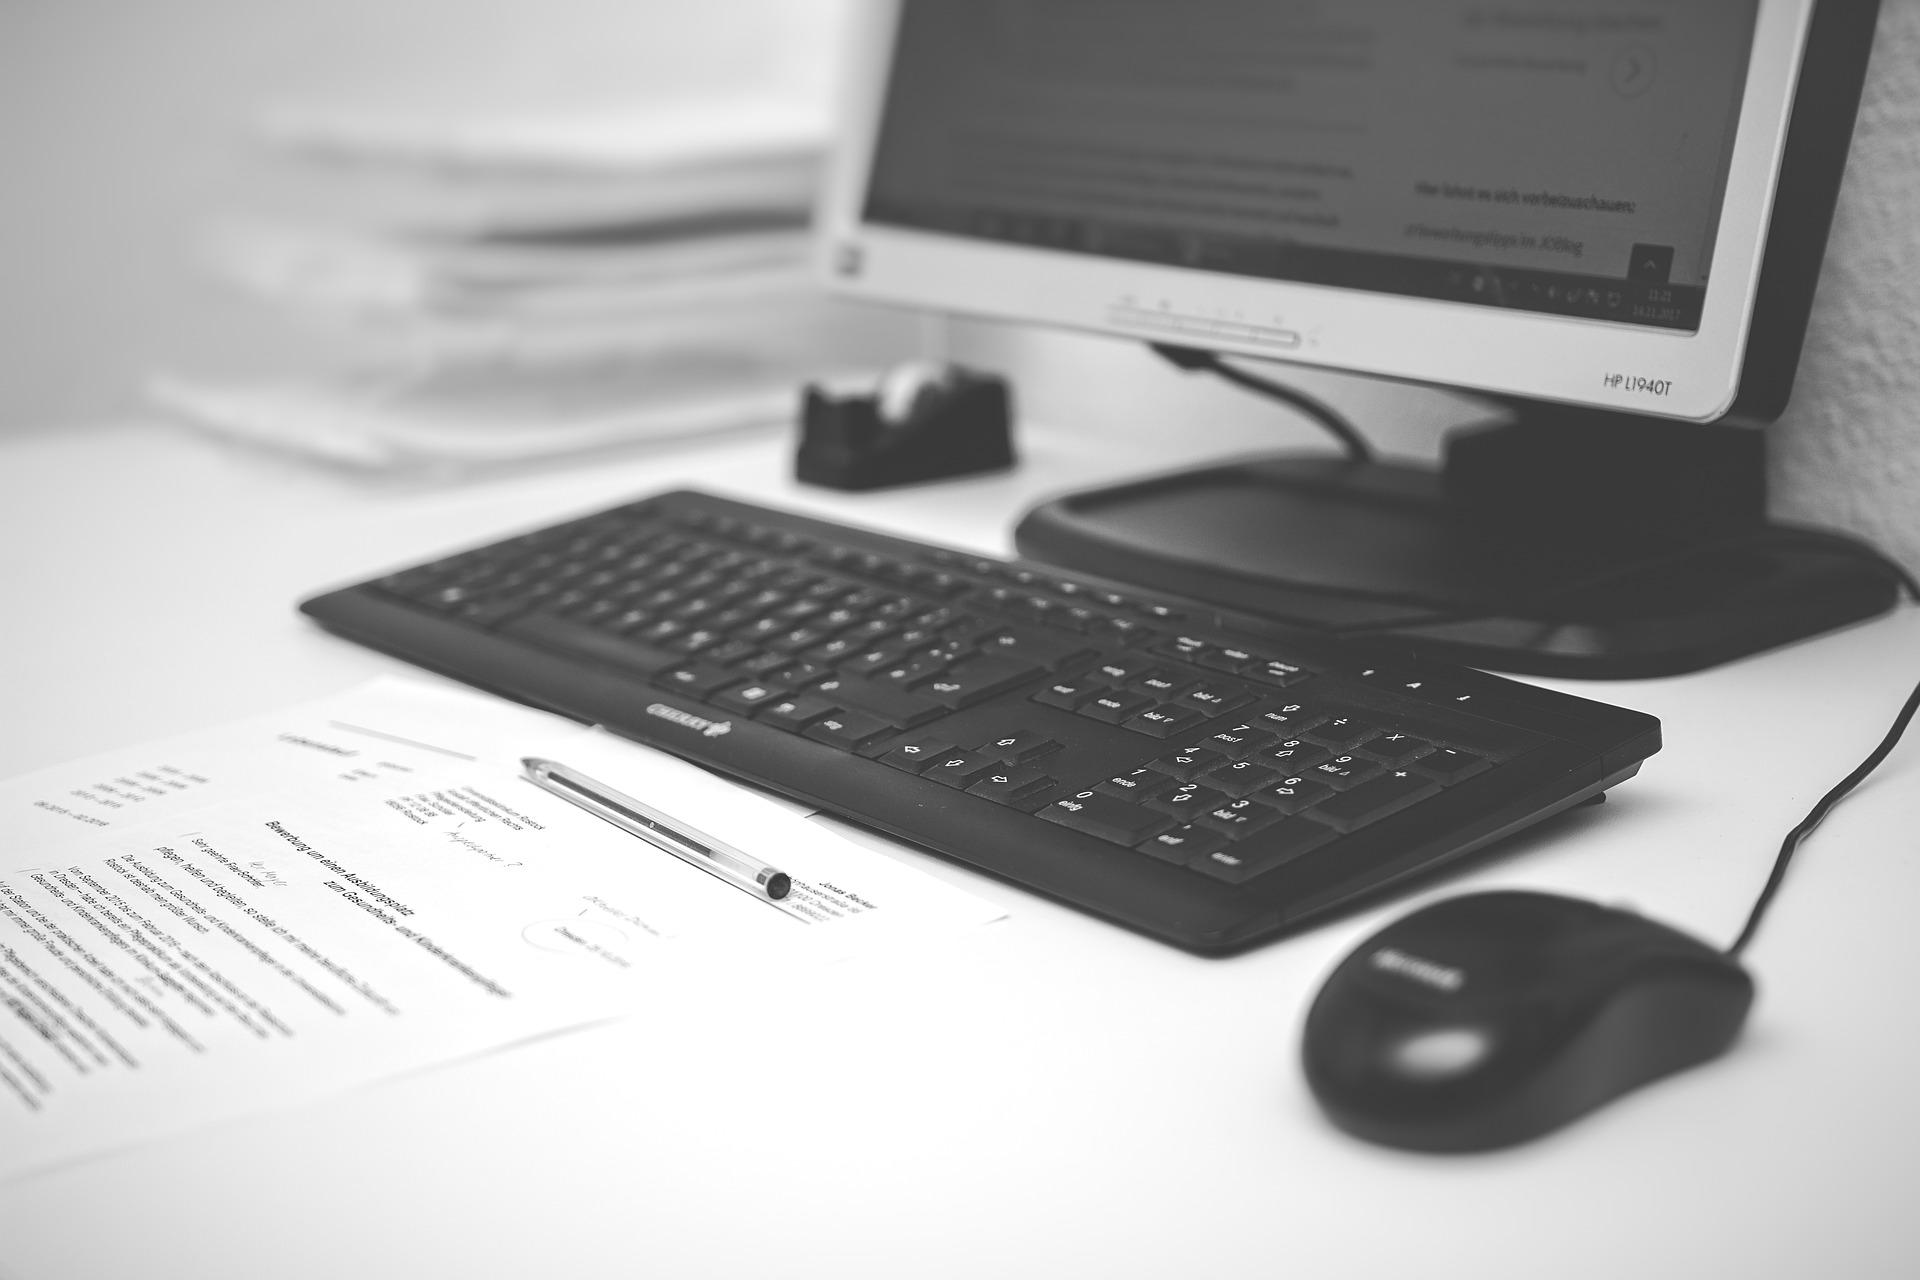 Hồ sơ công bố thực phẩm chức năng được nộp dưới 2 hình thức đó là nộp hồ sơ online qua cổng thông tin quốc gia hoặc nộp hồ sơ trực tiếp tại cơ quan nhà nước được chỉ định.